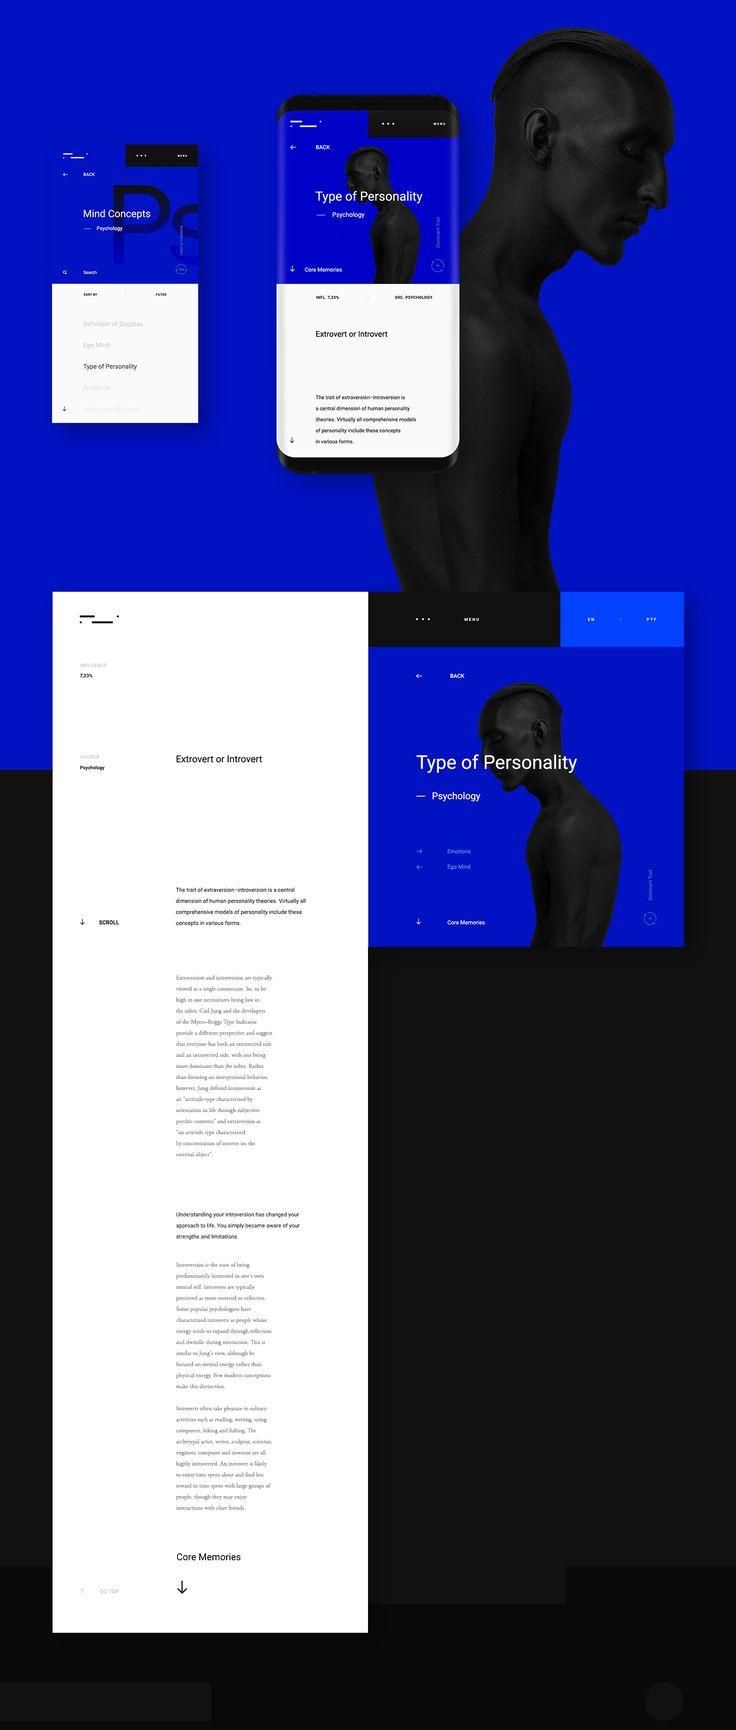 Web Design & UI/UX: Mindshapes™ Concept